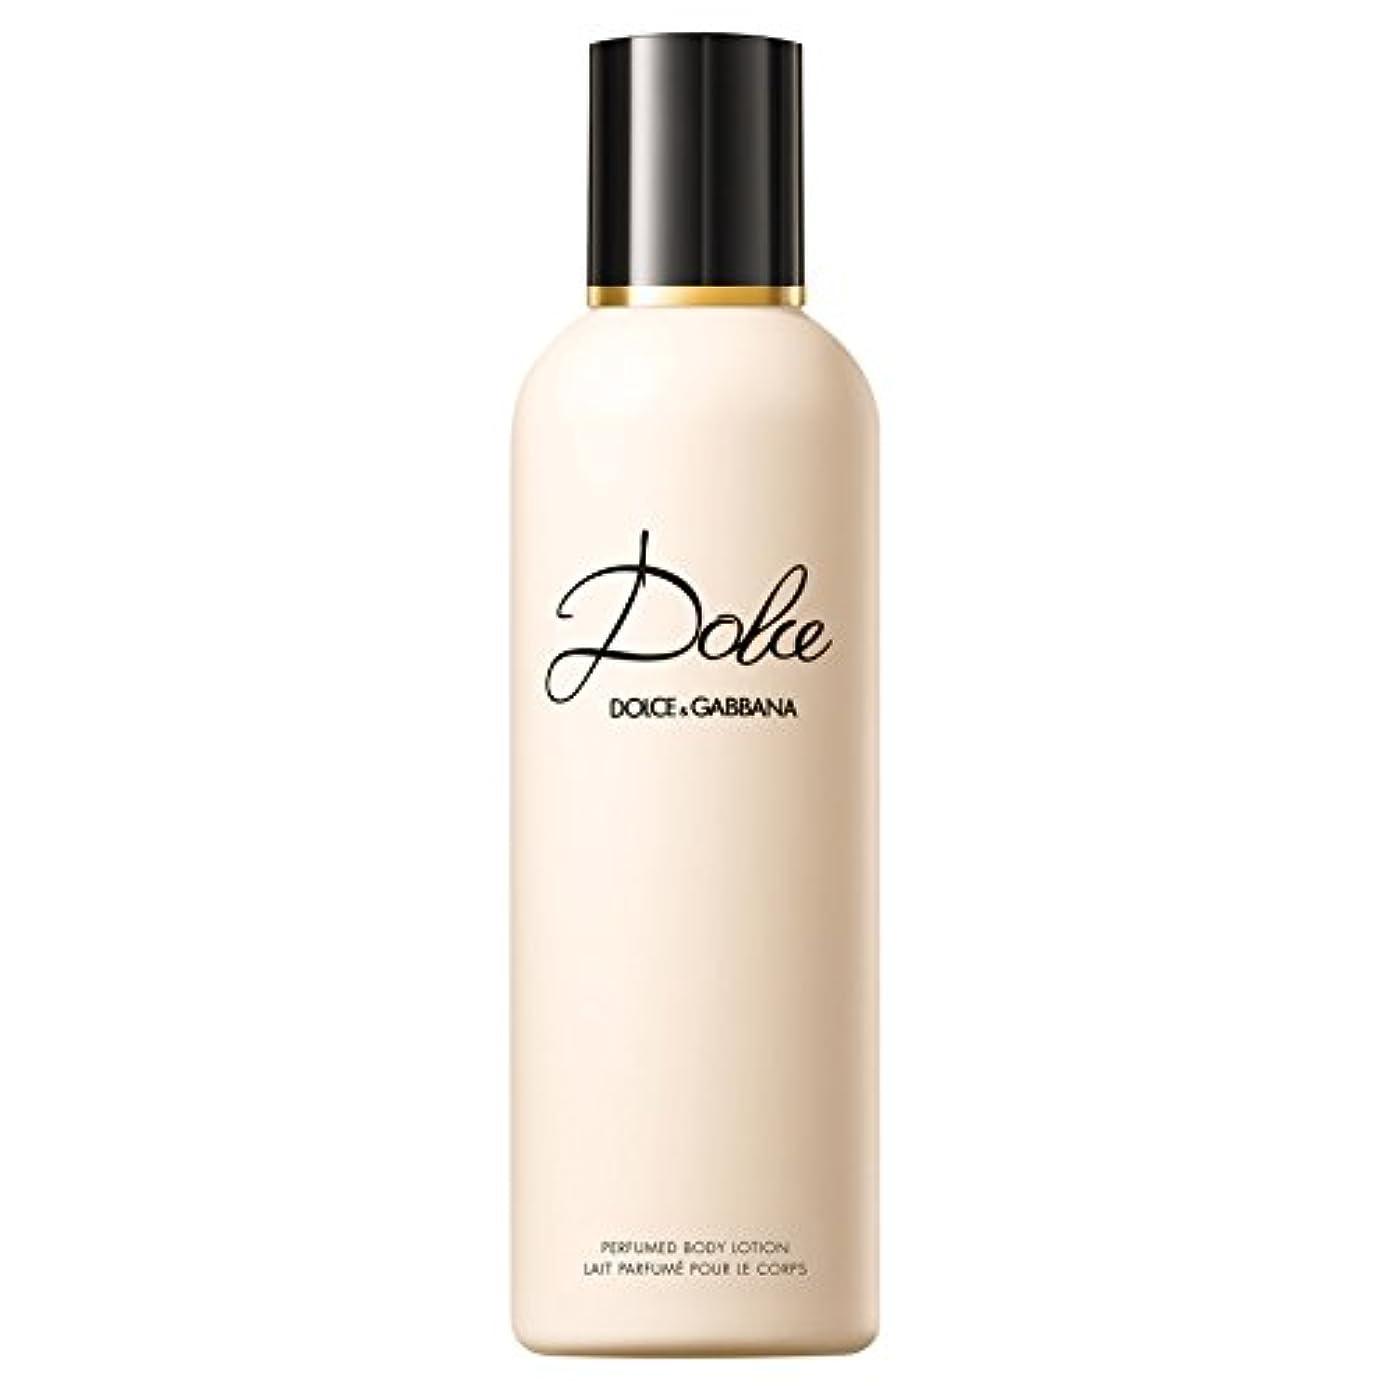 ブルーベル悲観主義者変換するドルチェ&ガッバーナドルチェのボディローション200ミリリットル (Dolce & Gabbana) (x6) - Dolce & Gabbana Dolce Body Lotion 200ml (Pack of 6)...